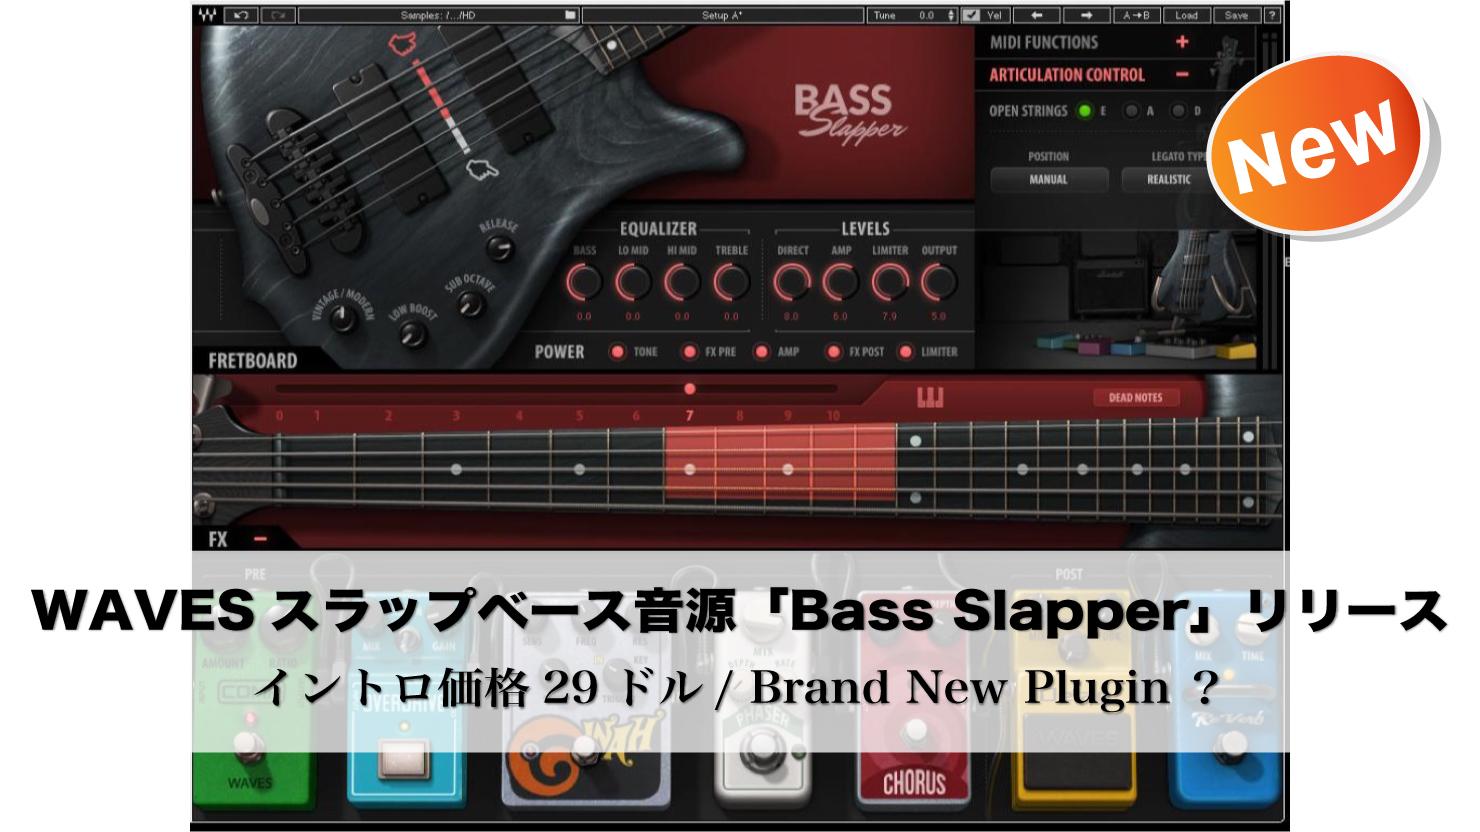 【新着】WAVES スラップベース音源「Bass Slapper」をリリース!プレゼント企画の製品はこれなのか?